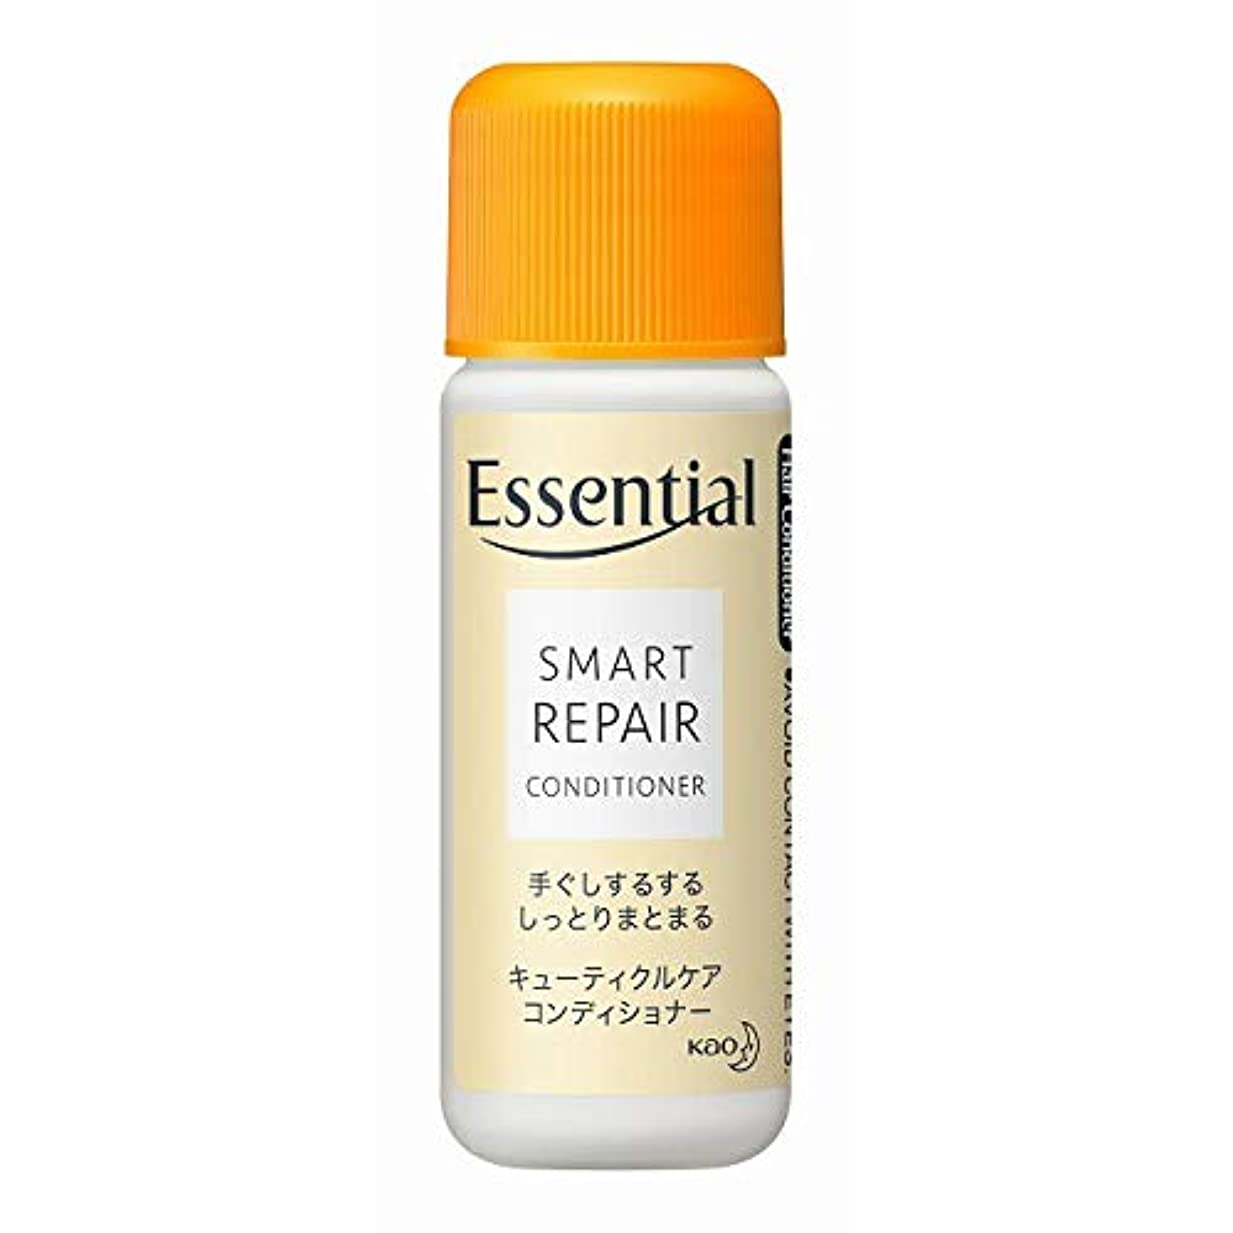 ダッシュ照らすモンキー花王 エッセンシャル(Essential) しっとりツヤ髪 コンディショナー 業務用 ミニボトル 16mL×360個